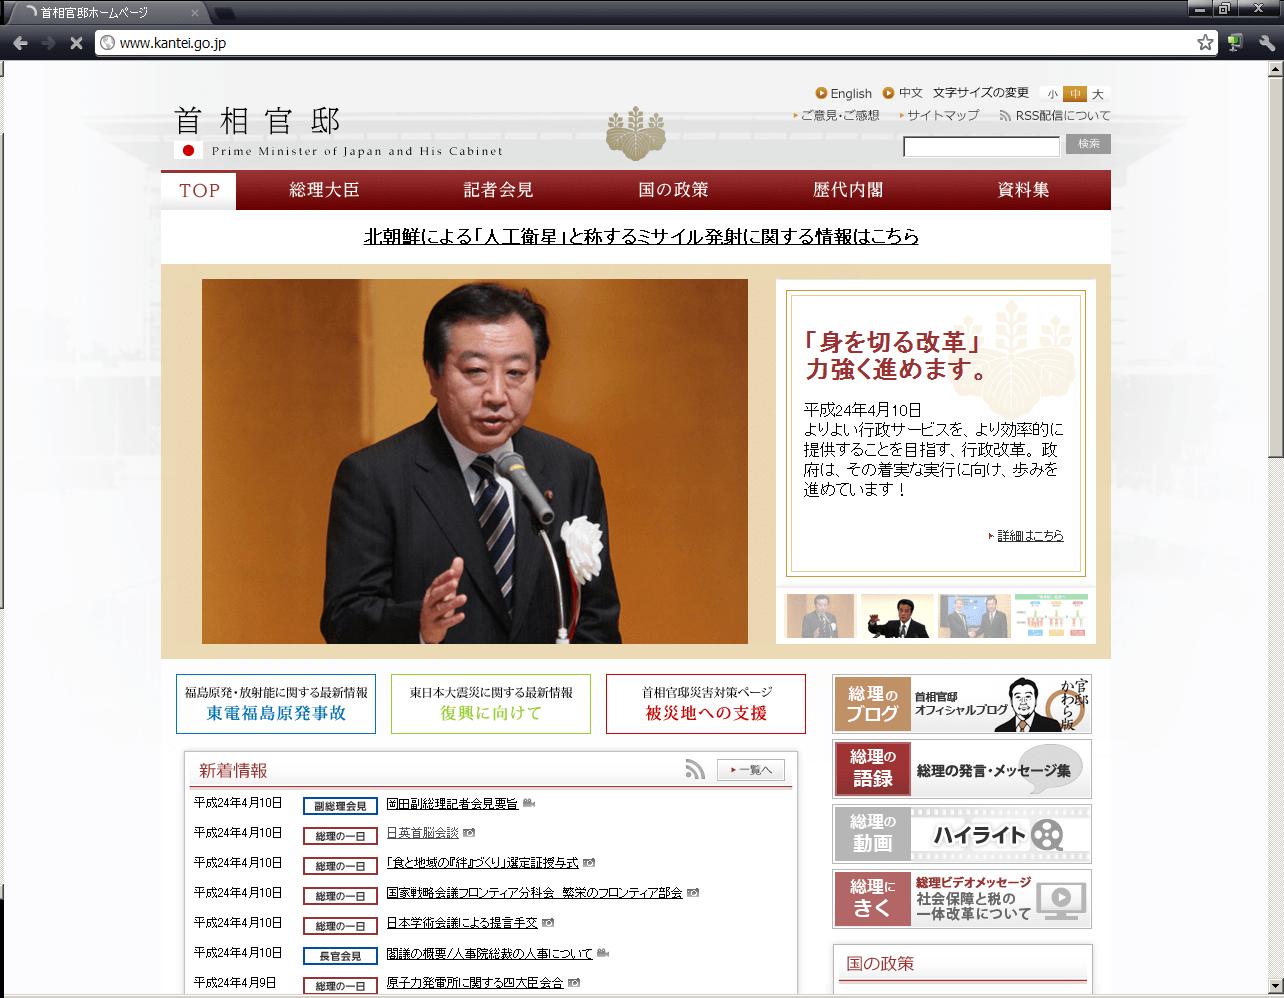 民主党野田総理官邸ホームページバグ jpgovhp02